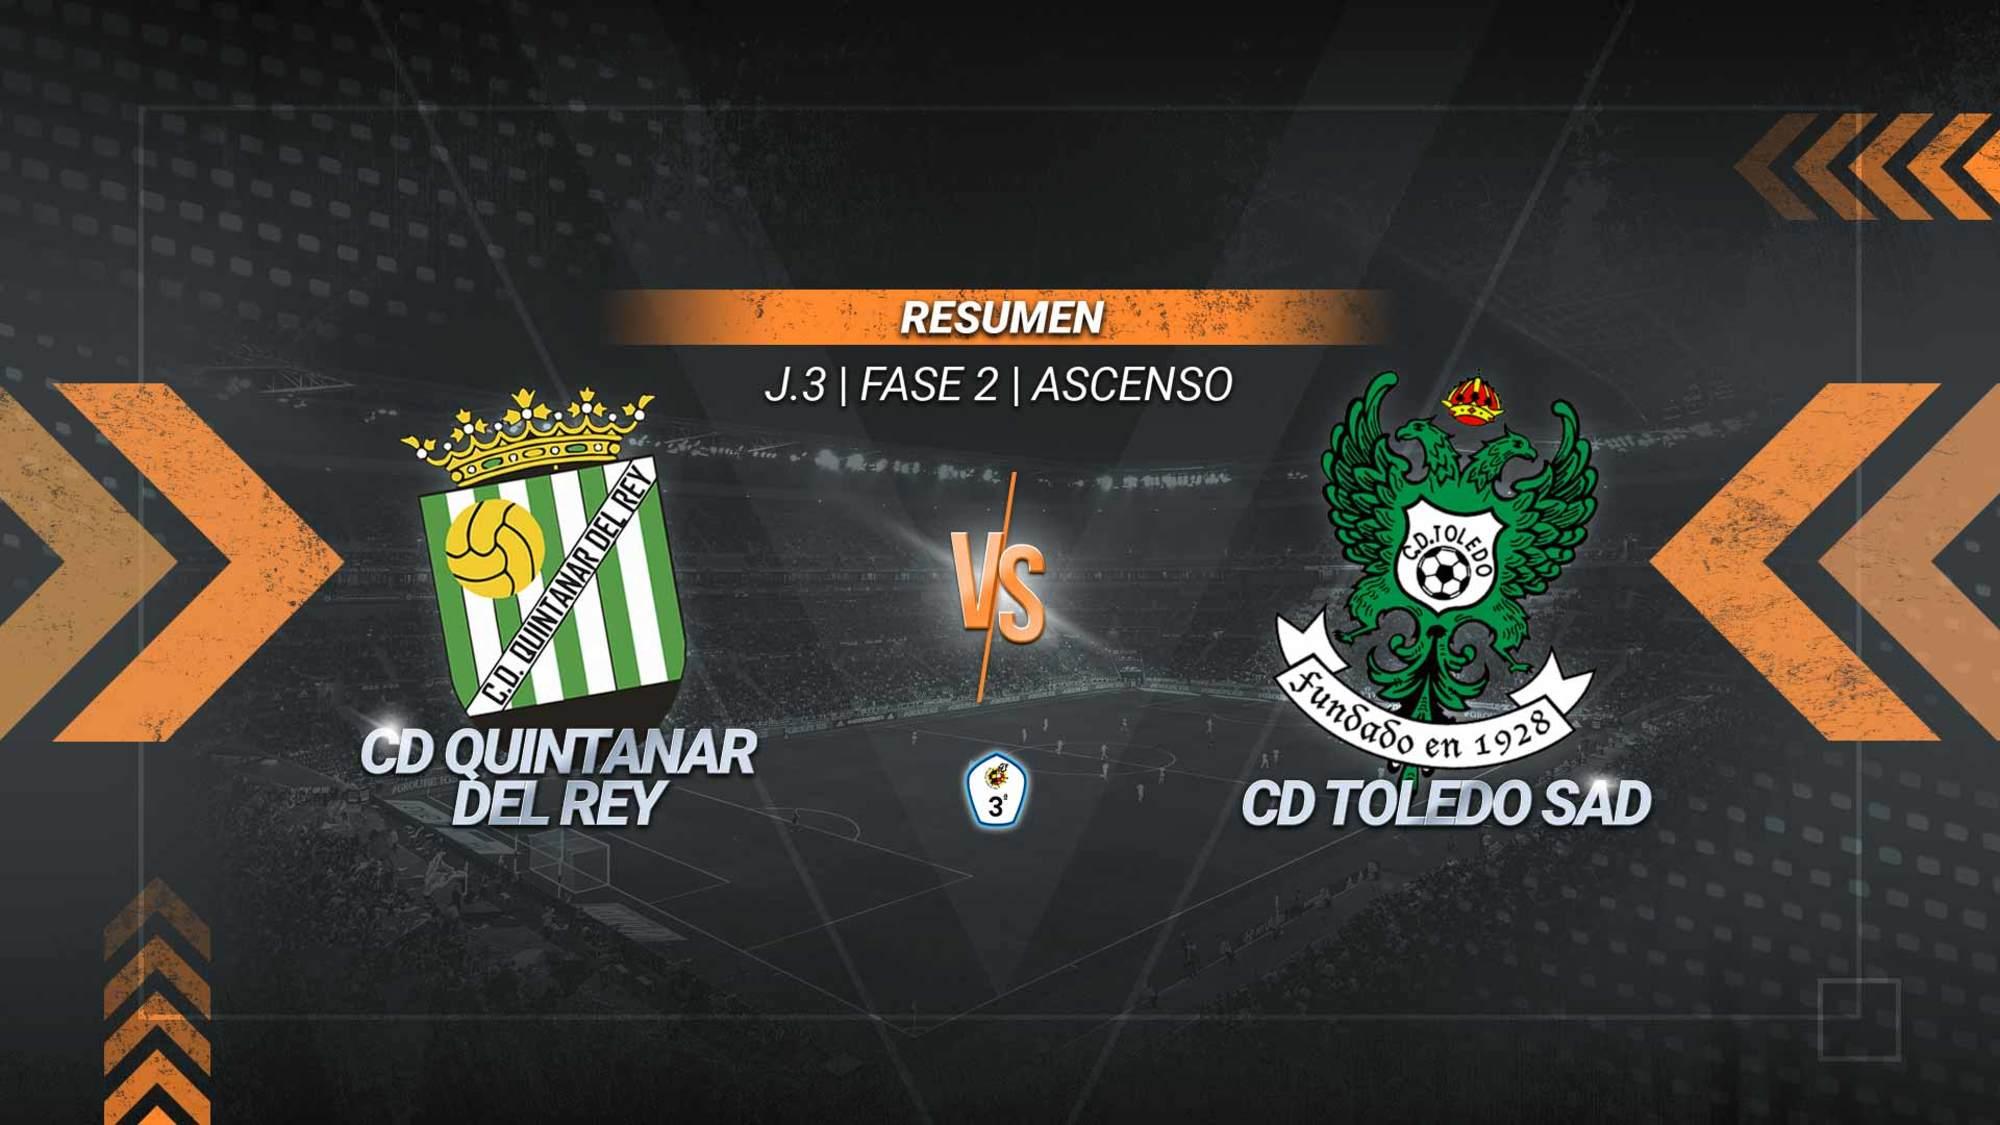 Quintanar y Toledo firman tablas en un partido marcado por la bronca. Mamau en los toledanos y Ricard y Chema en los quintanareños fueron expulsados. En el tramo final tuvo que entrar la Guardia Civil para poner paz.